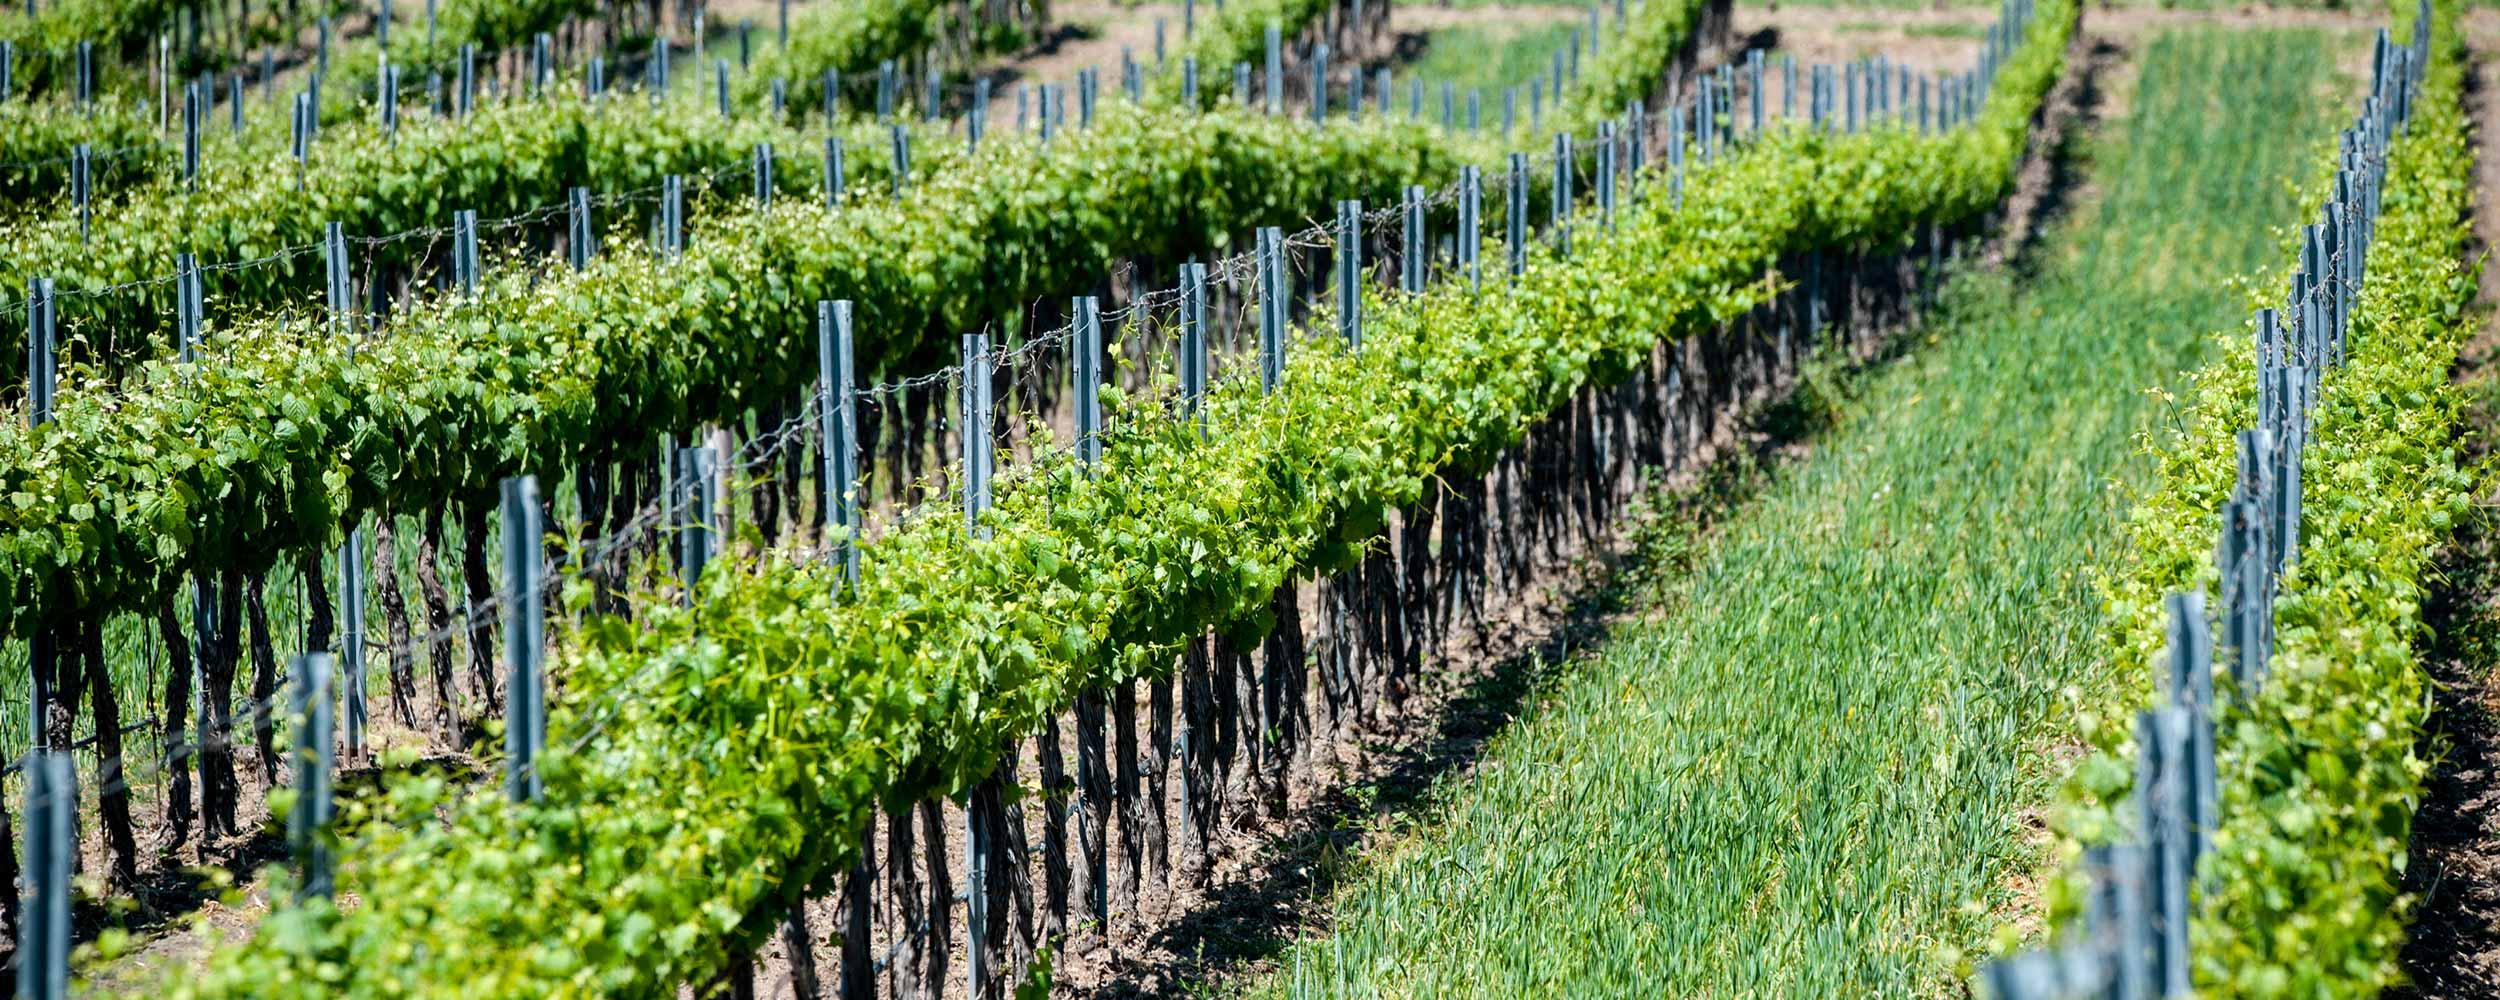 Santa Barbara wine country - Alisal Resort in Solvang California